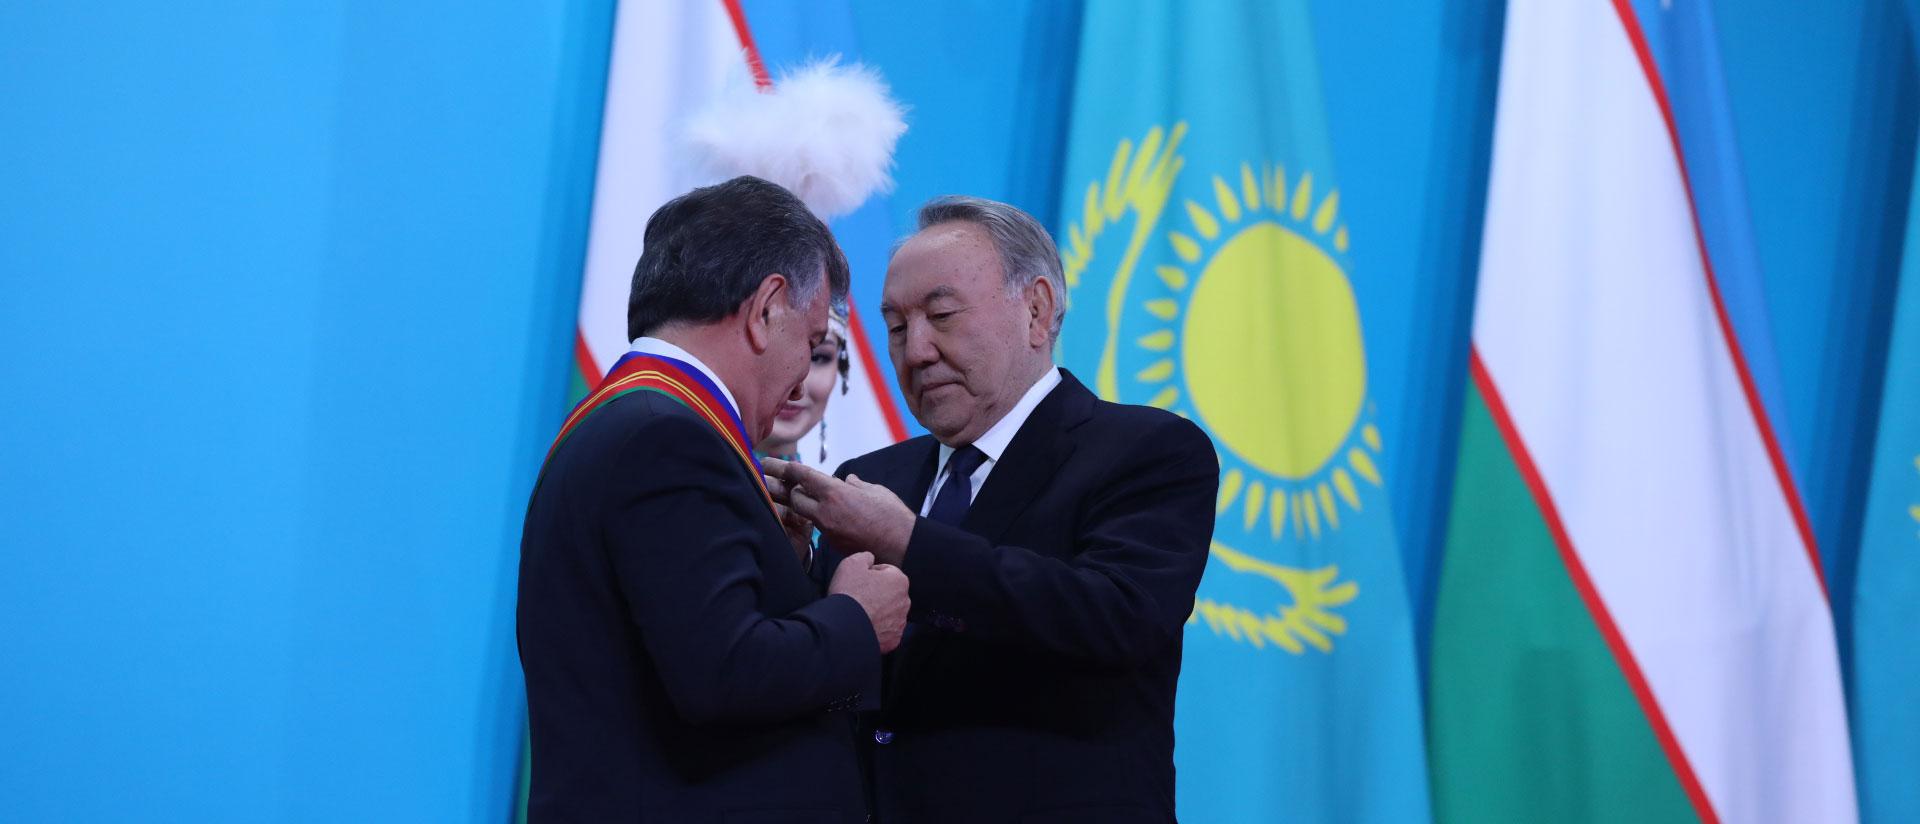 Өзбекстан кәсіпкерлерді көрмелерді тамашалауға шақырады ... | 824x1920